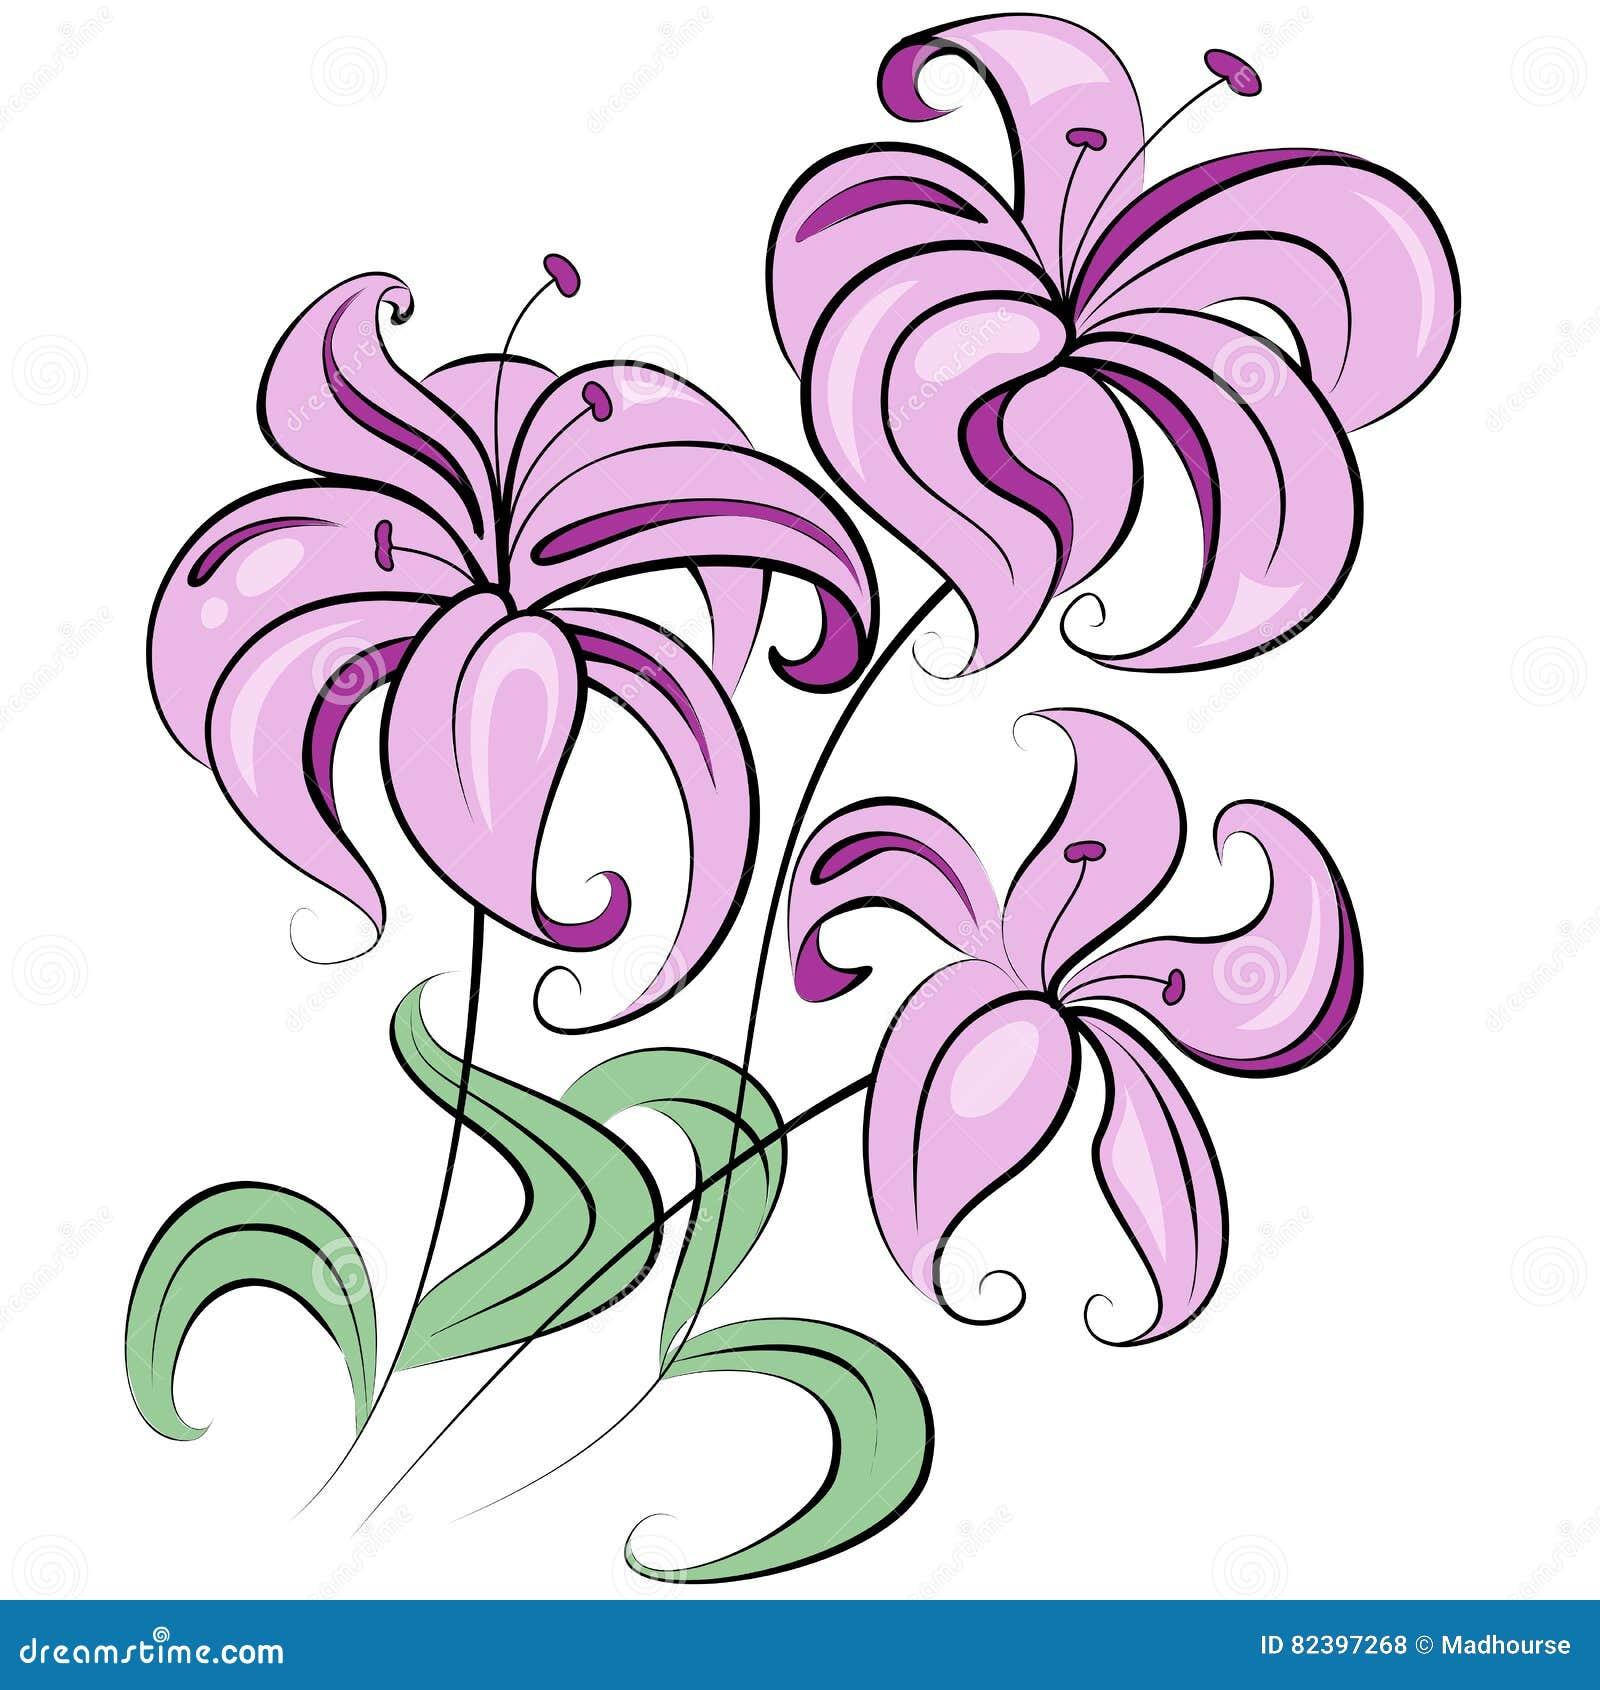 Mazzo Di Fiori Stilizzato.Today 1586272427 Mazzo Di Fiori Clipart Here Download